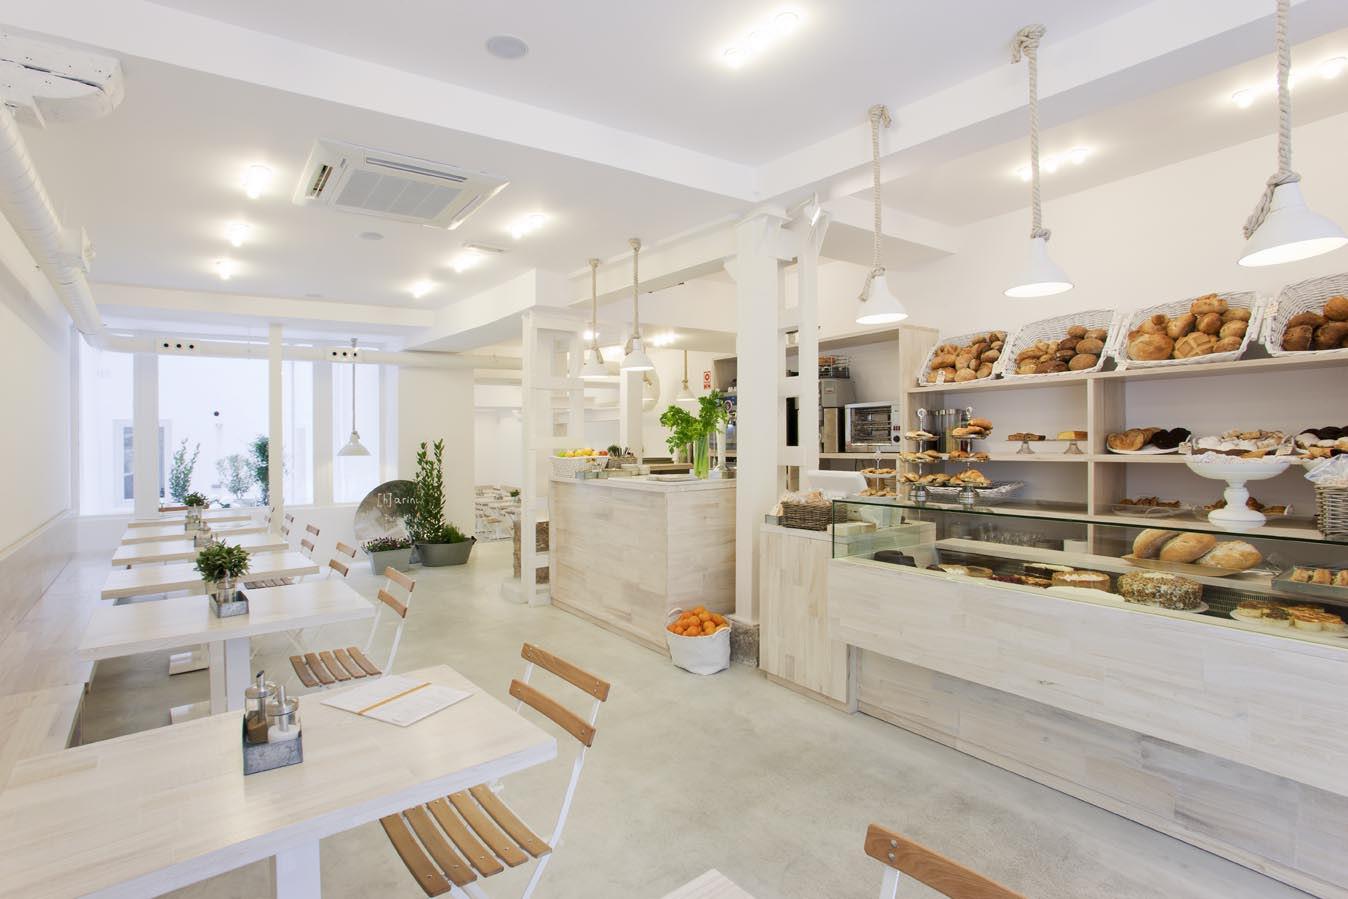 Características del diseño interior retail